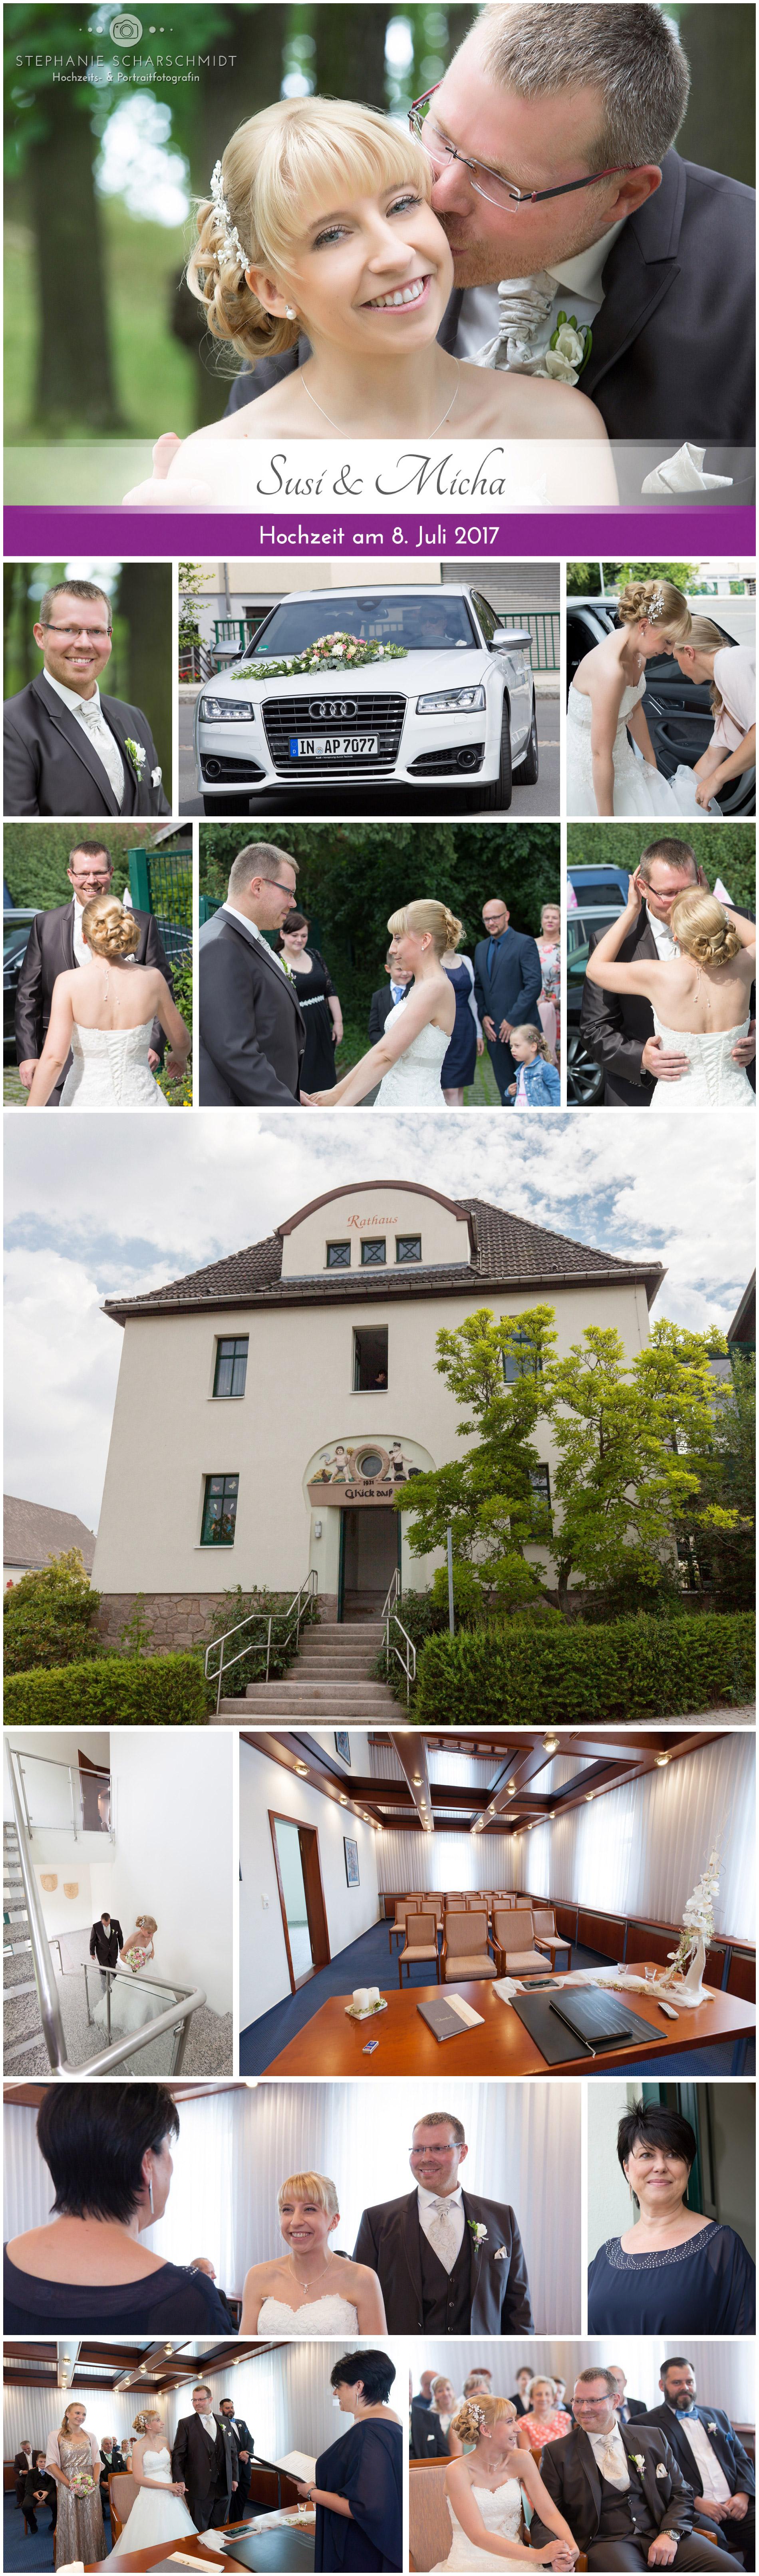 Standesamt Reinsdorf bei Zwickau – Hochzeit – Eheschließung - Trausaal Vielau Standesamt – Hochzeitsfotografen Stephanie Scharschmidt